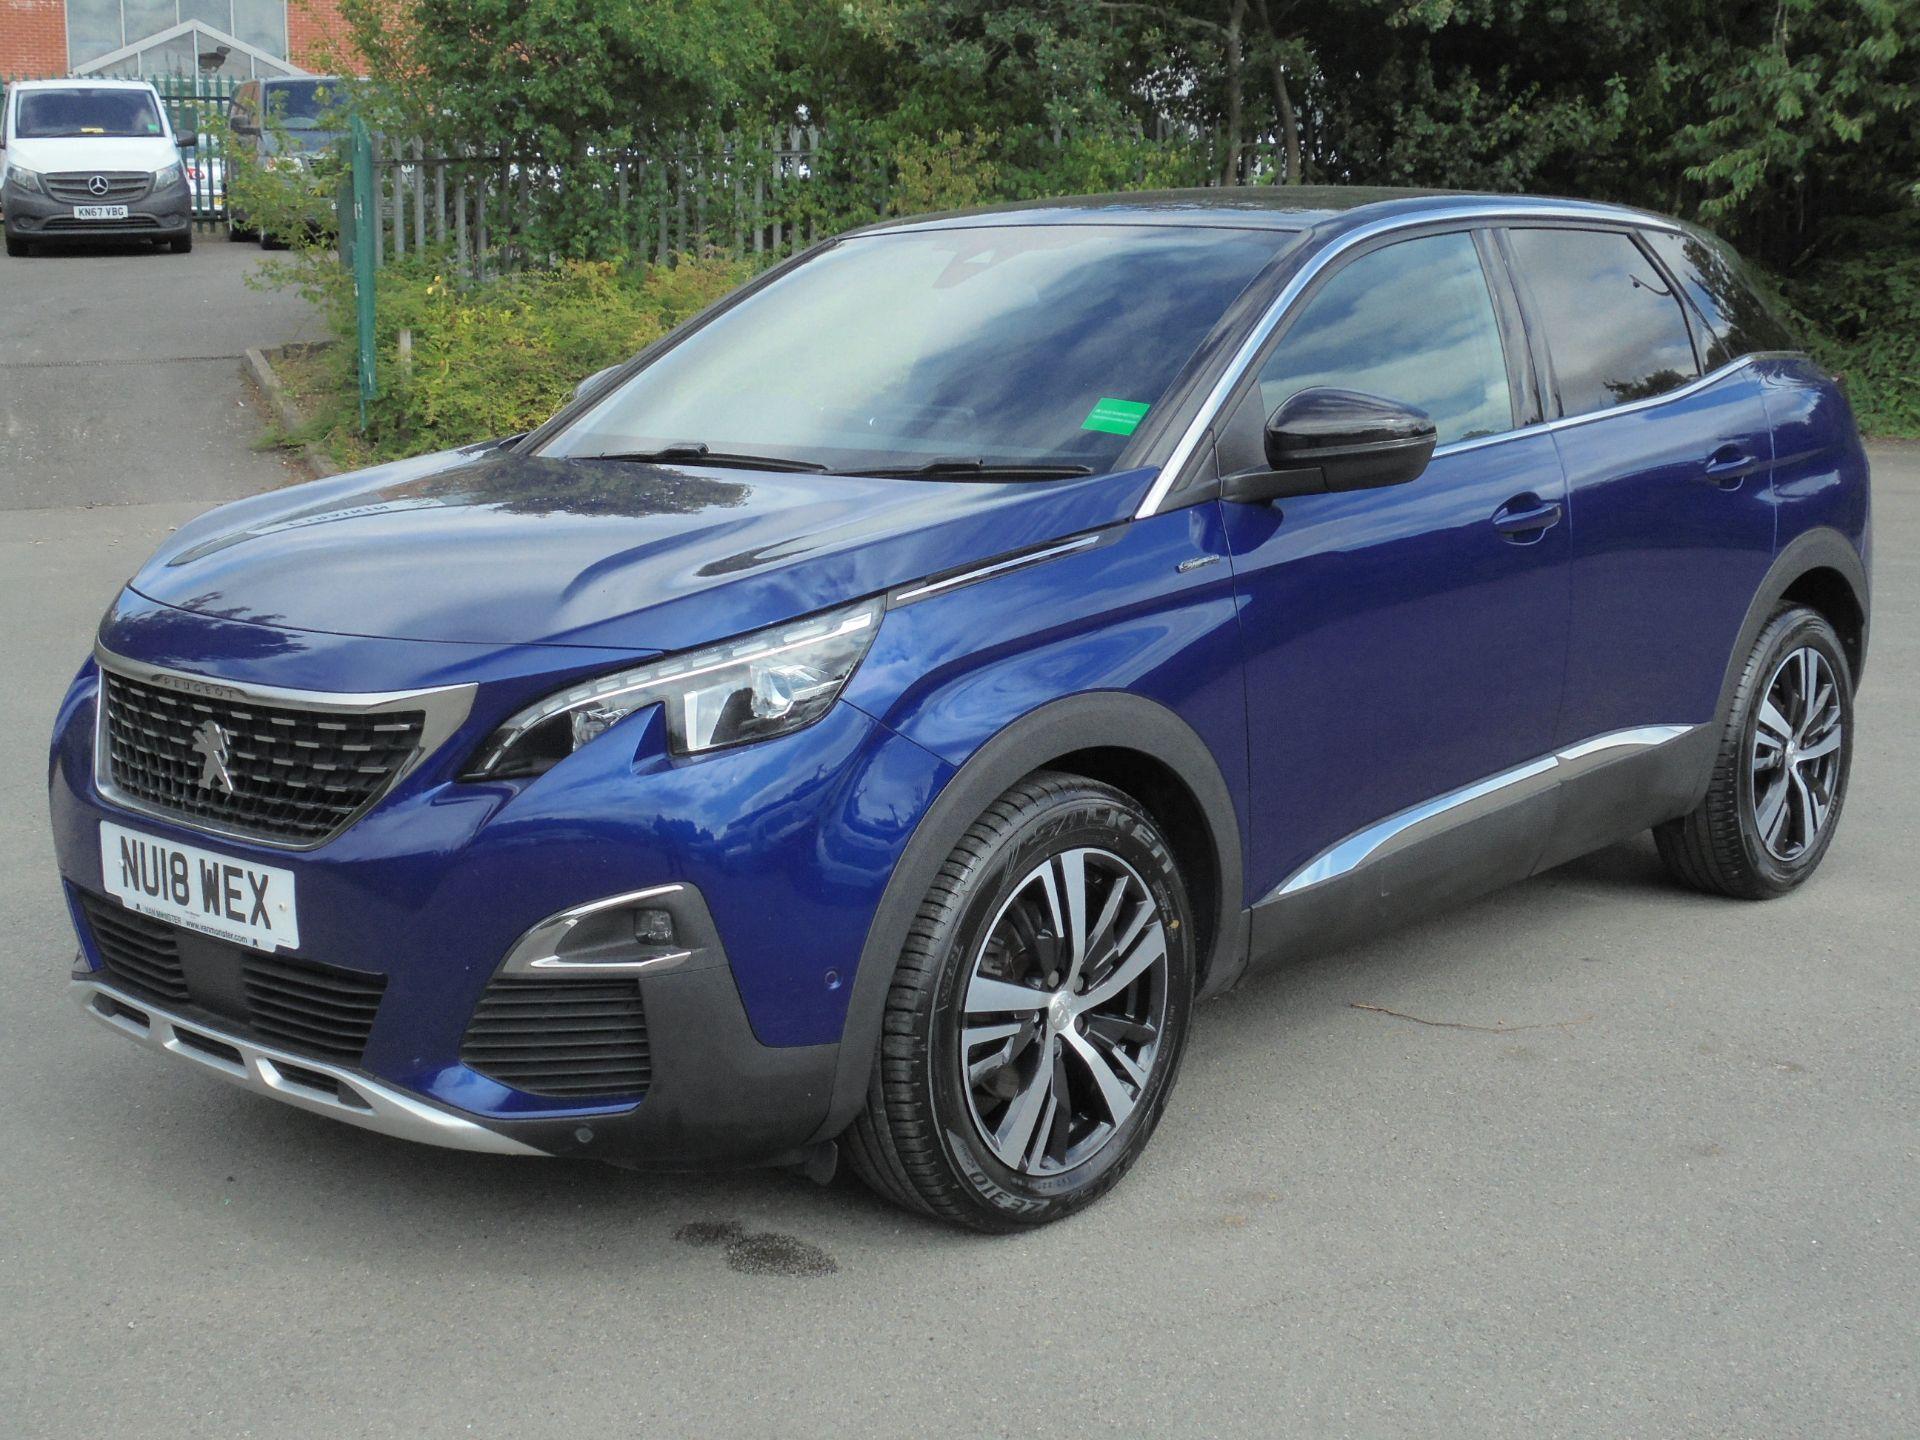 2018 Peugeot 3008 1.6 Bluehdi 120 Gt Line 5Dr (NU18WEX) Image 3